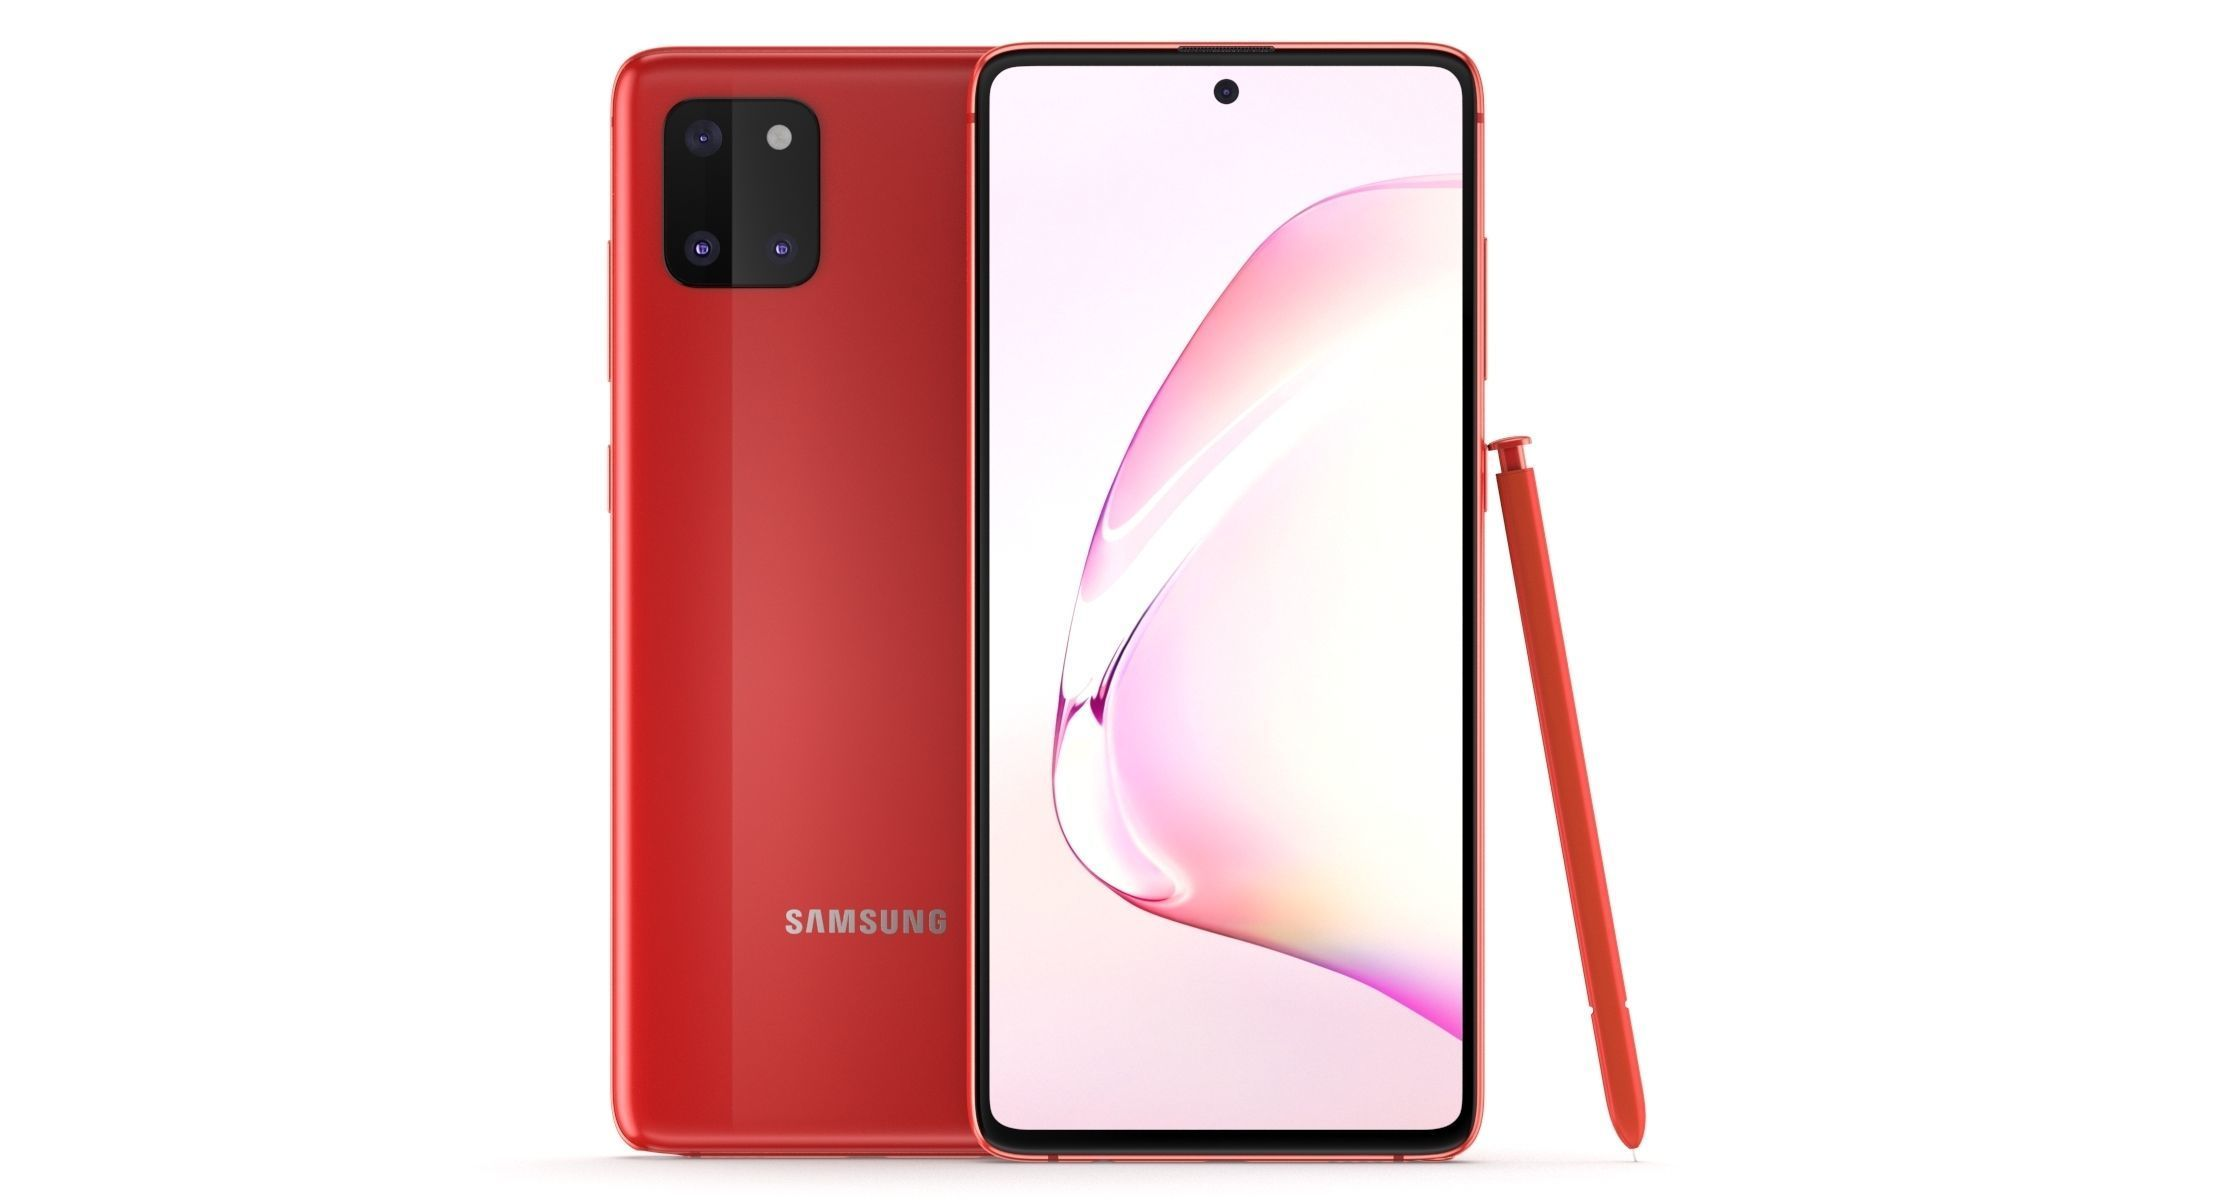 Samsung Galaxy Note 10 Lite Aura Red